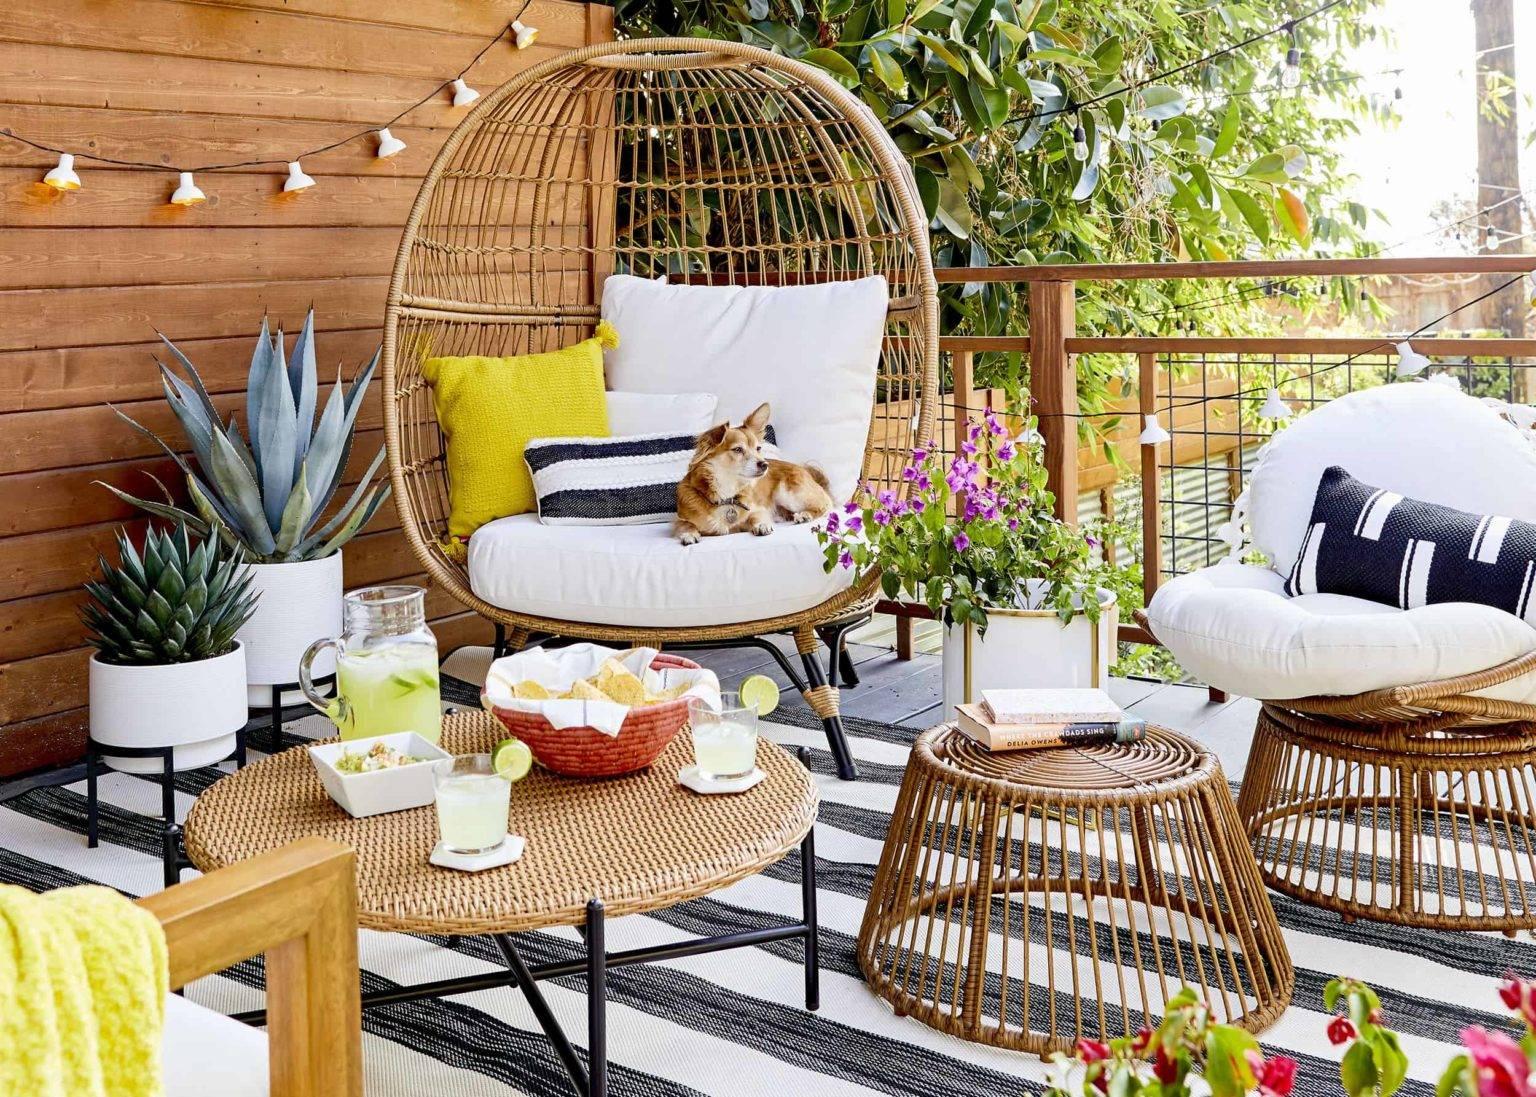 Những ý tưởng hữu ích giúp góc thư giãn ngoài trời mùa hè thêm lãng mạn - Ảnh 9.